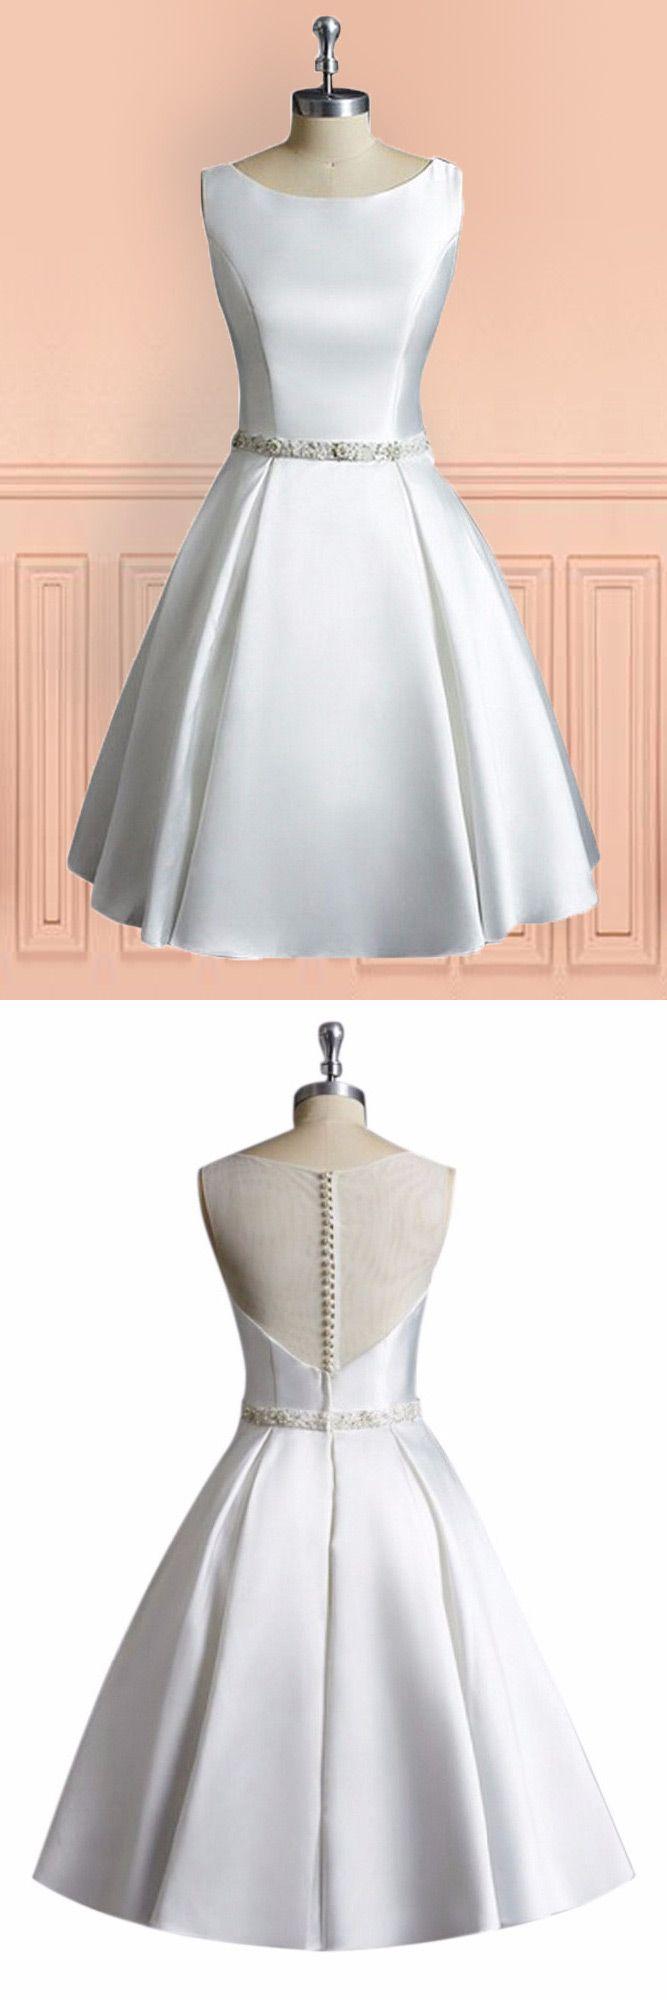 Short wedding dresses for older brides  Simple Vintage A Line Satin Short Wedding Dress Reception Sleeveless